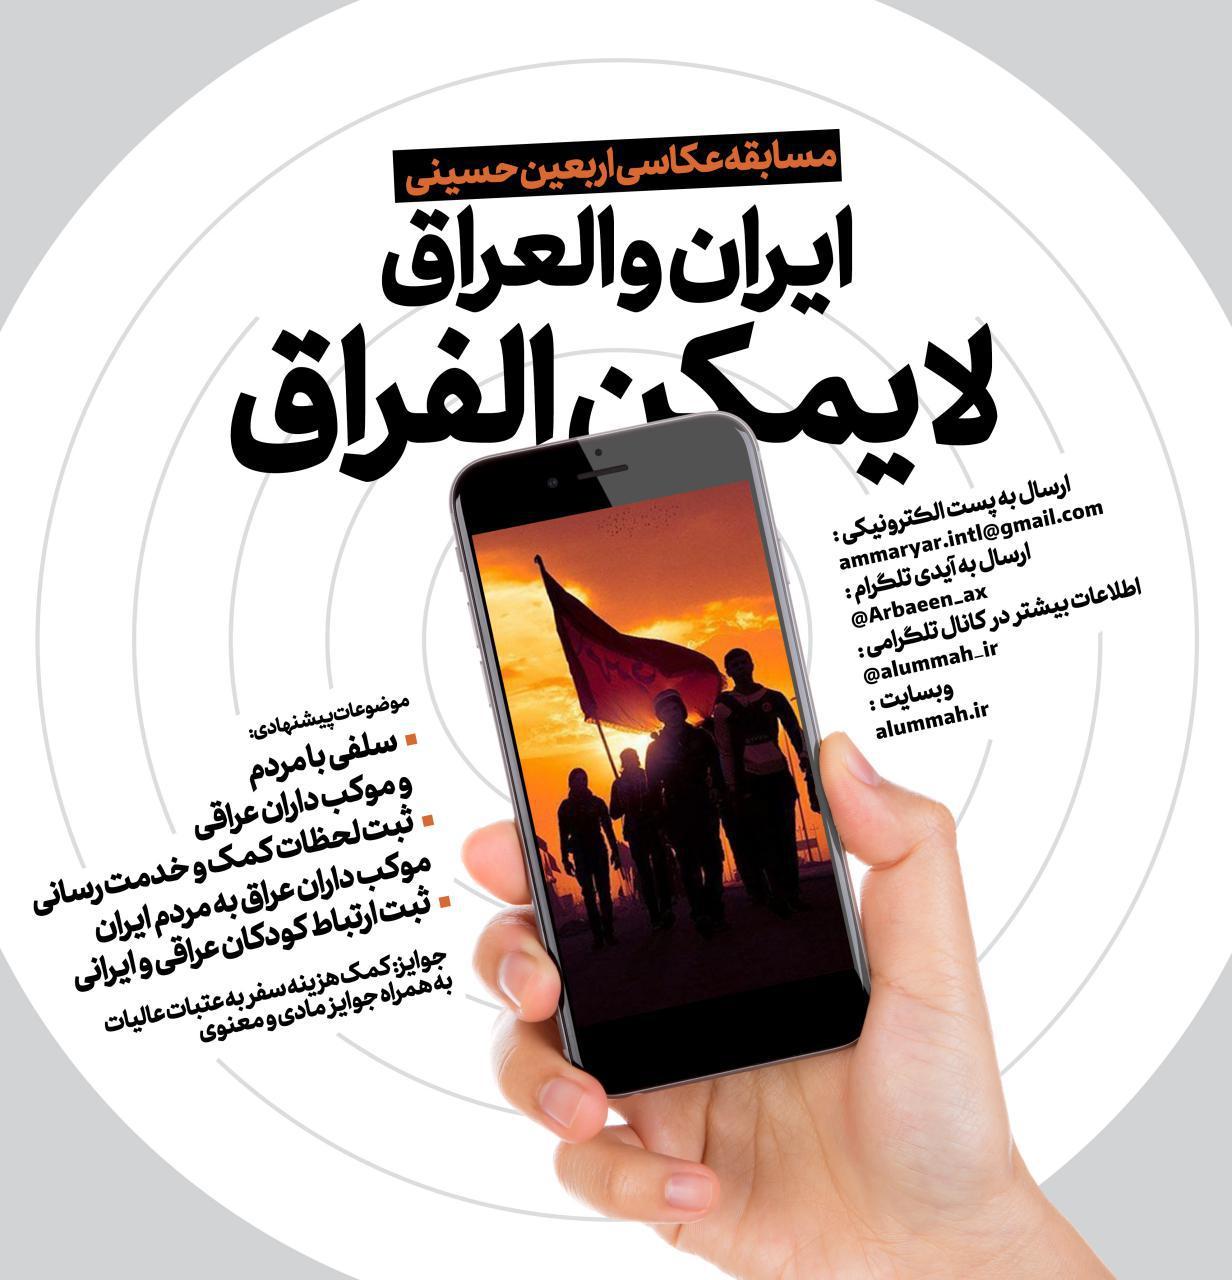 فراخوان مسابقه عکاسی اربعین حسینی با شعار ایران و العراق لا یمکن الفراق